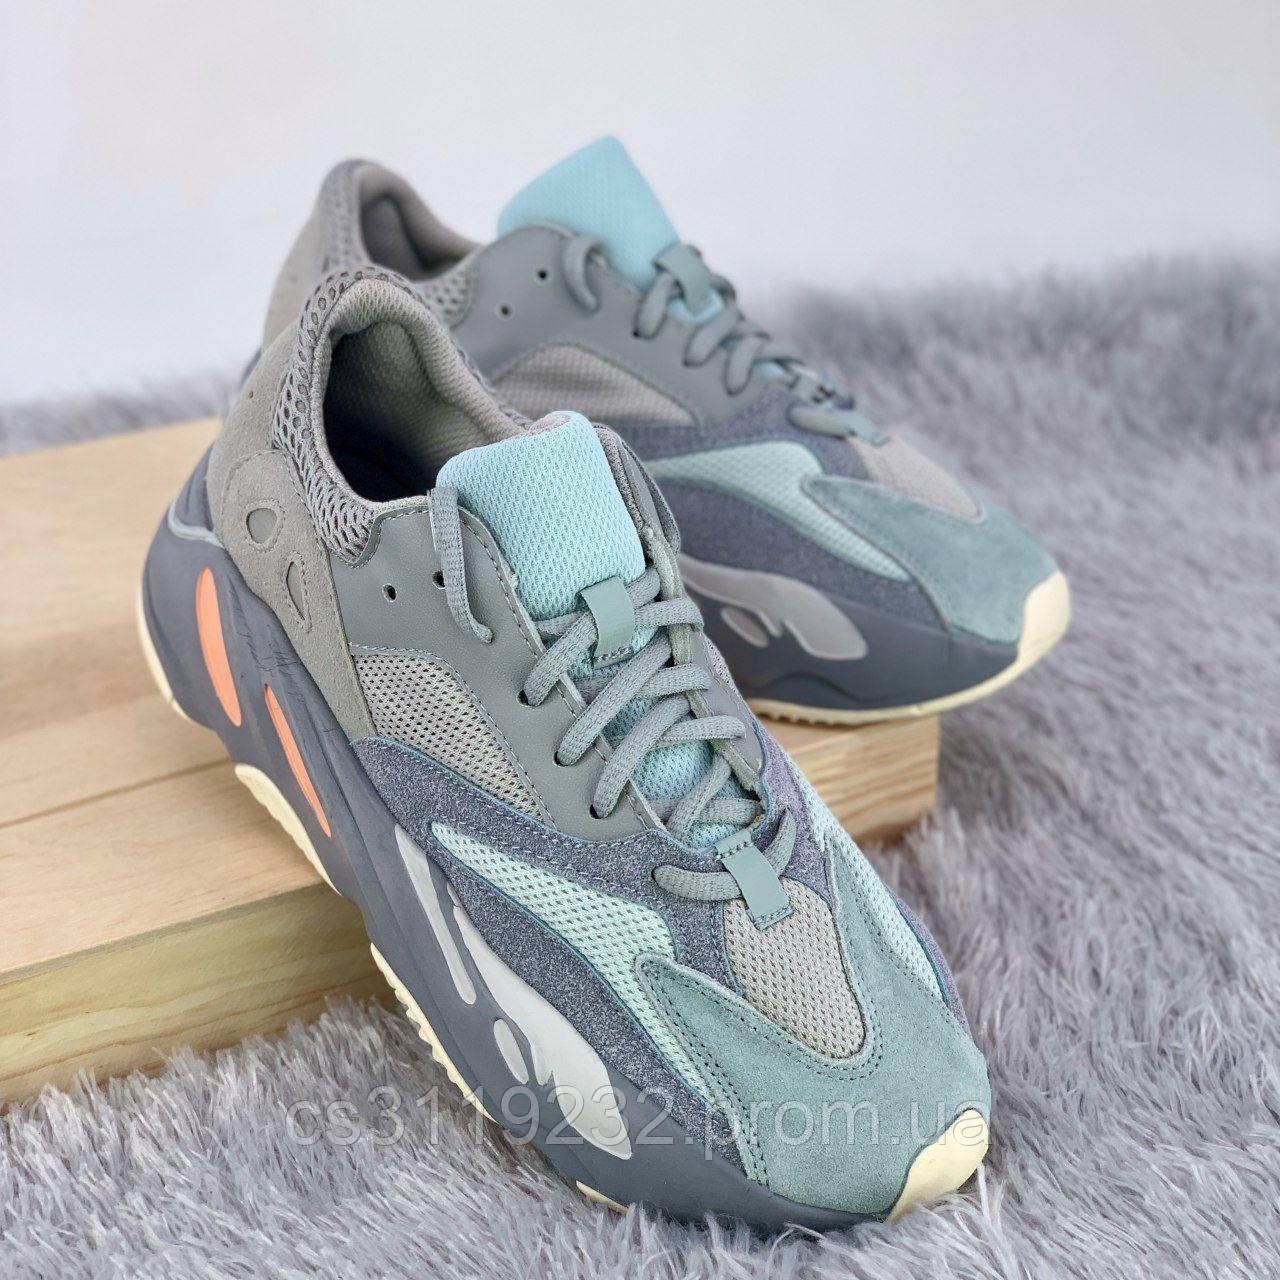 Мужские кроссовки Adidas Yeezy Boost  700 Inertia (серые)